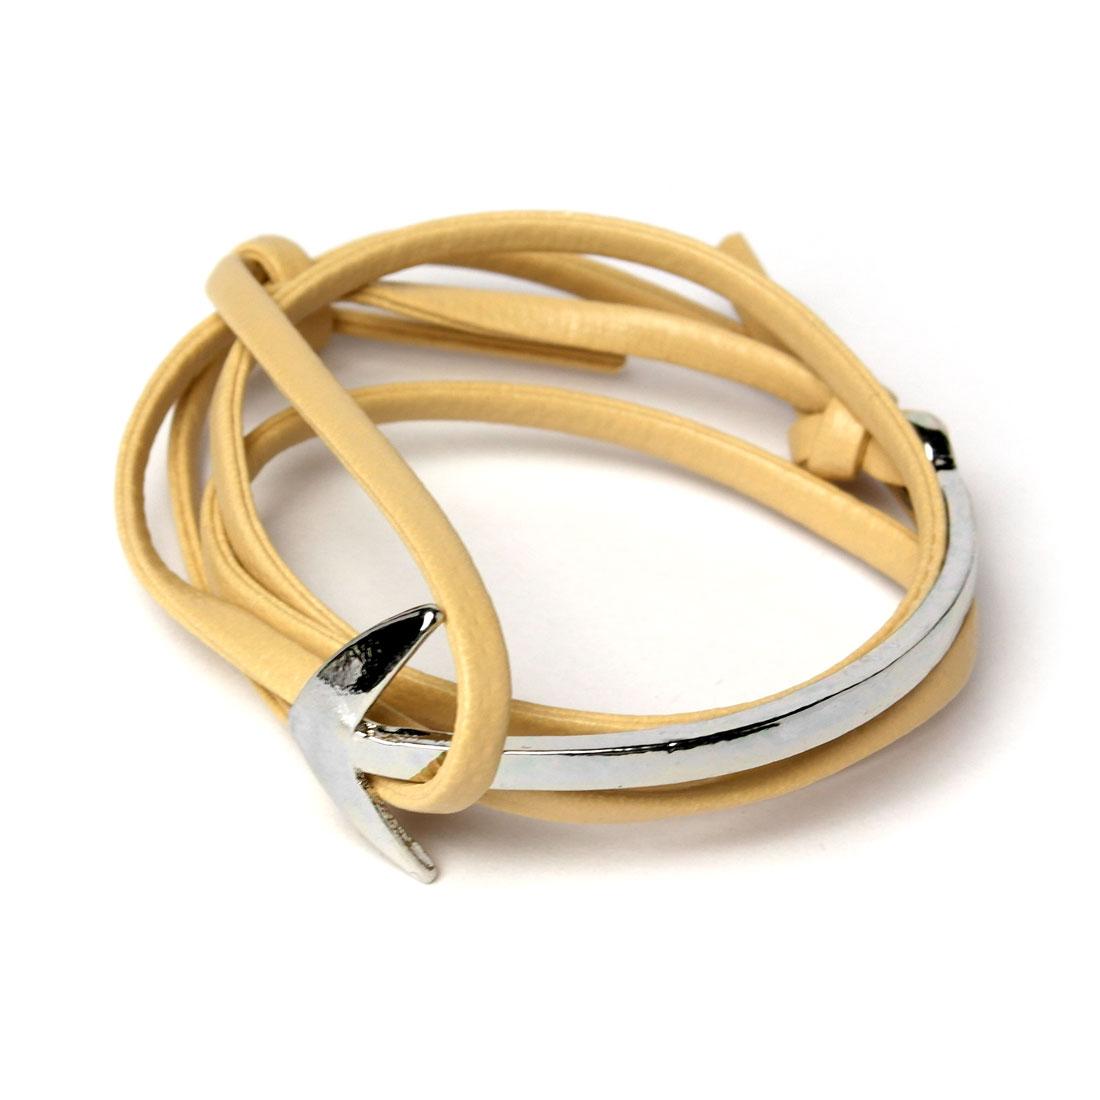 anker armband silber leder damen armband onlineshop. Black Bedroom Furniture Sets. Home Design Ideas